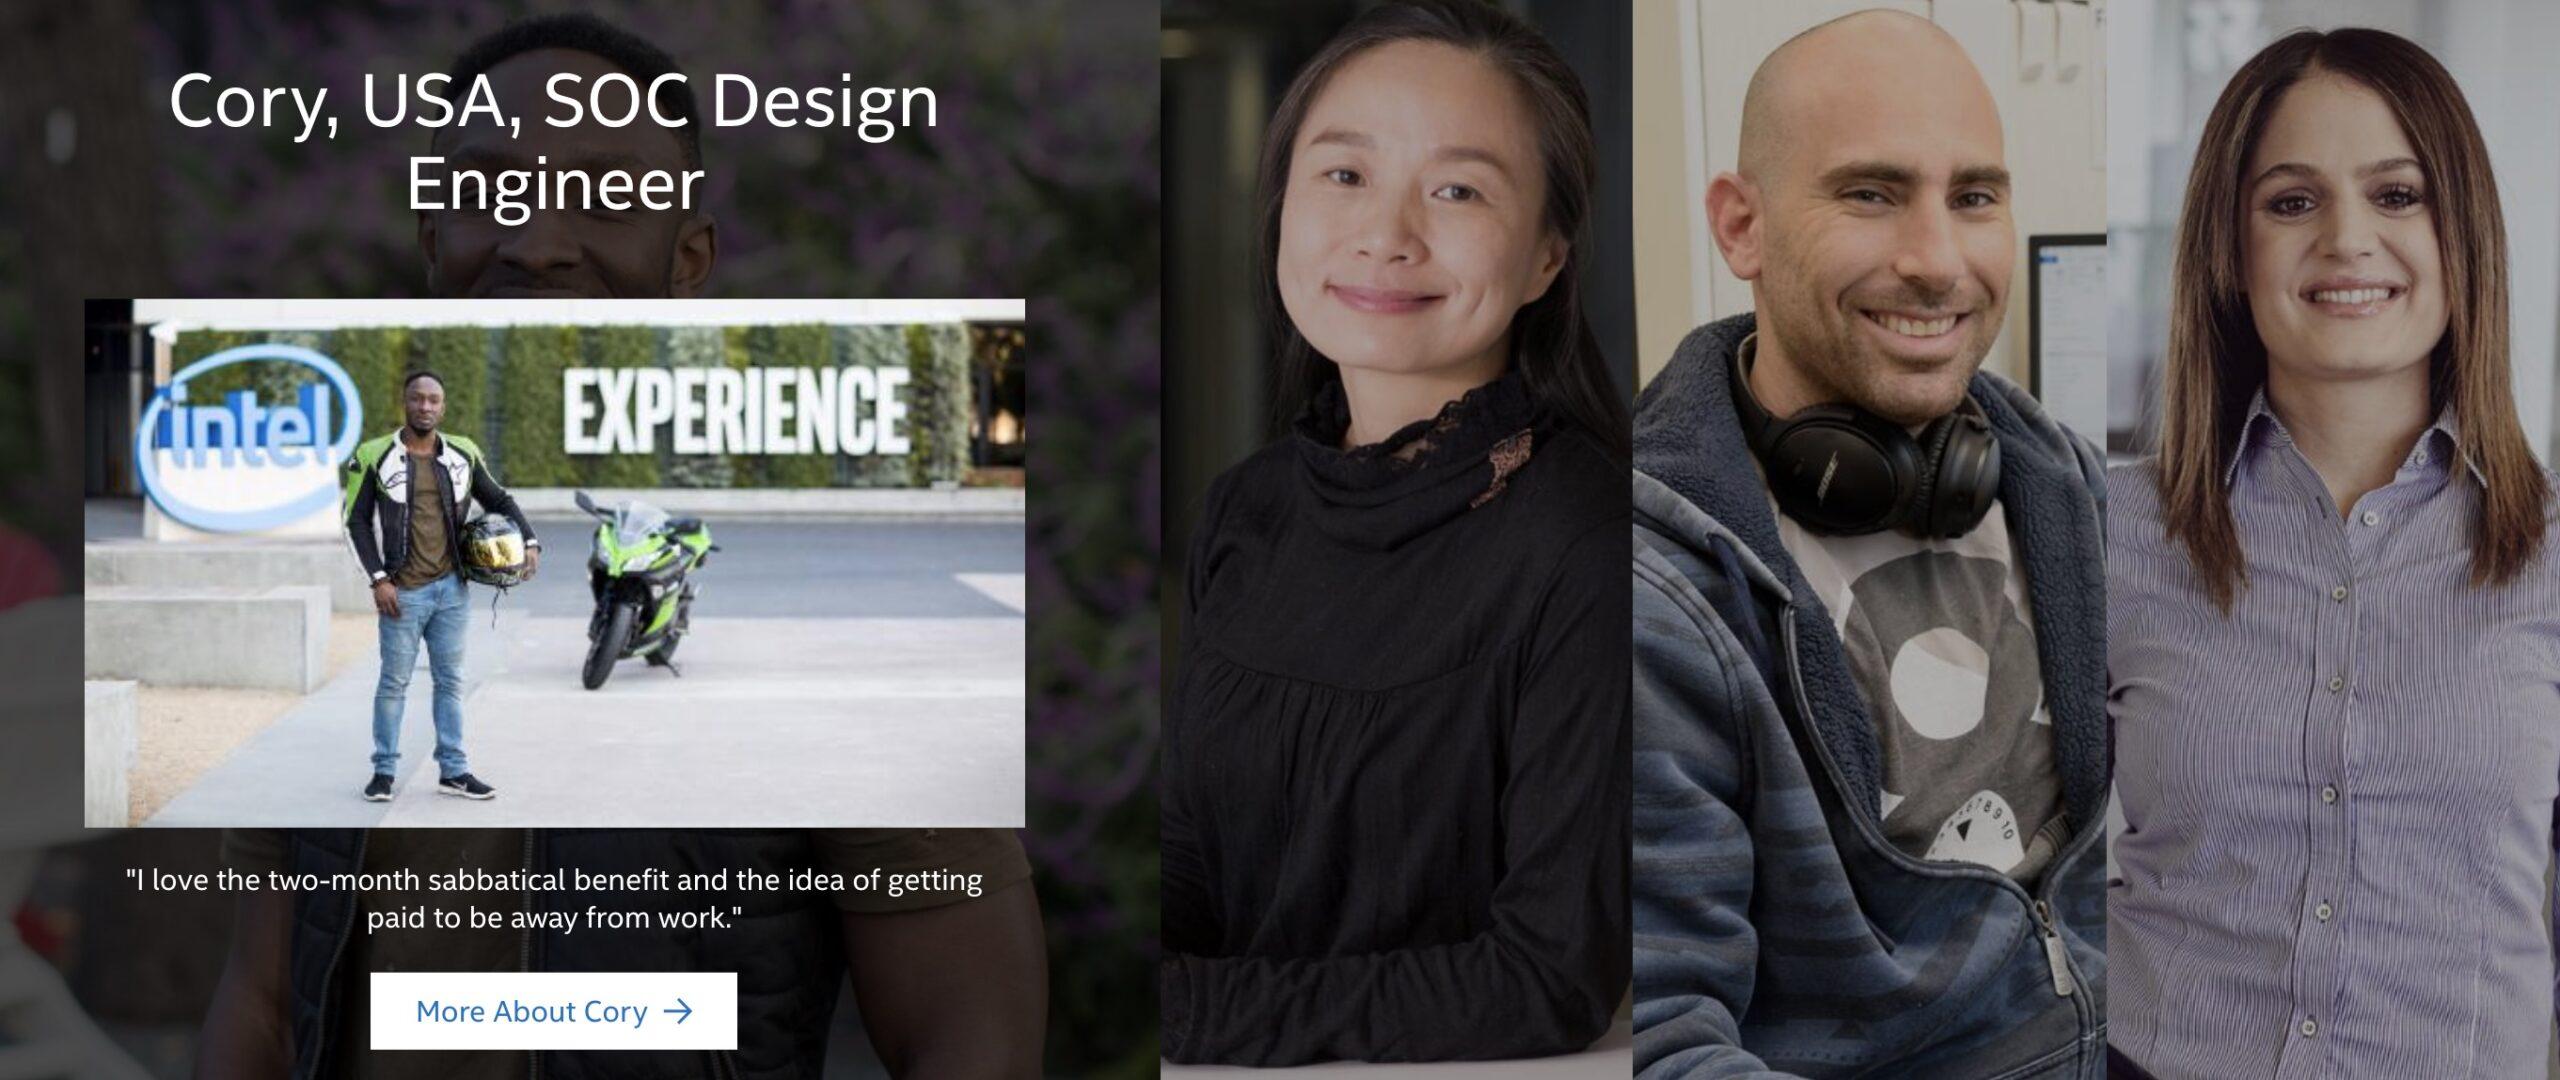 Intel strona z pracownikami